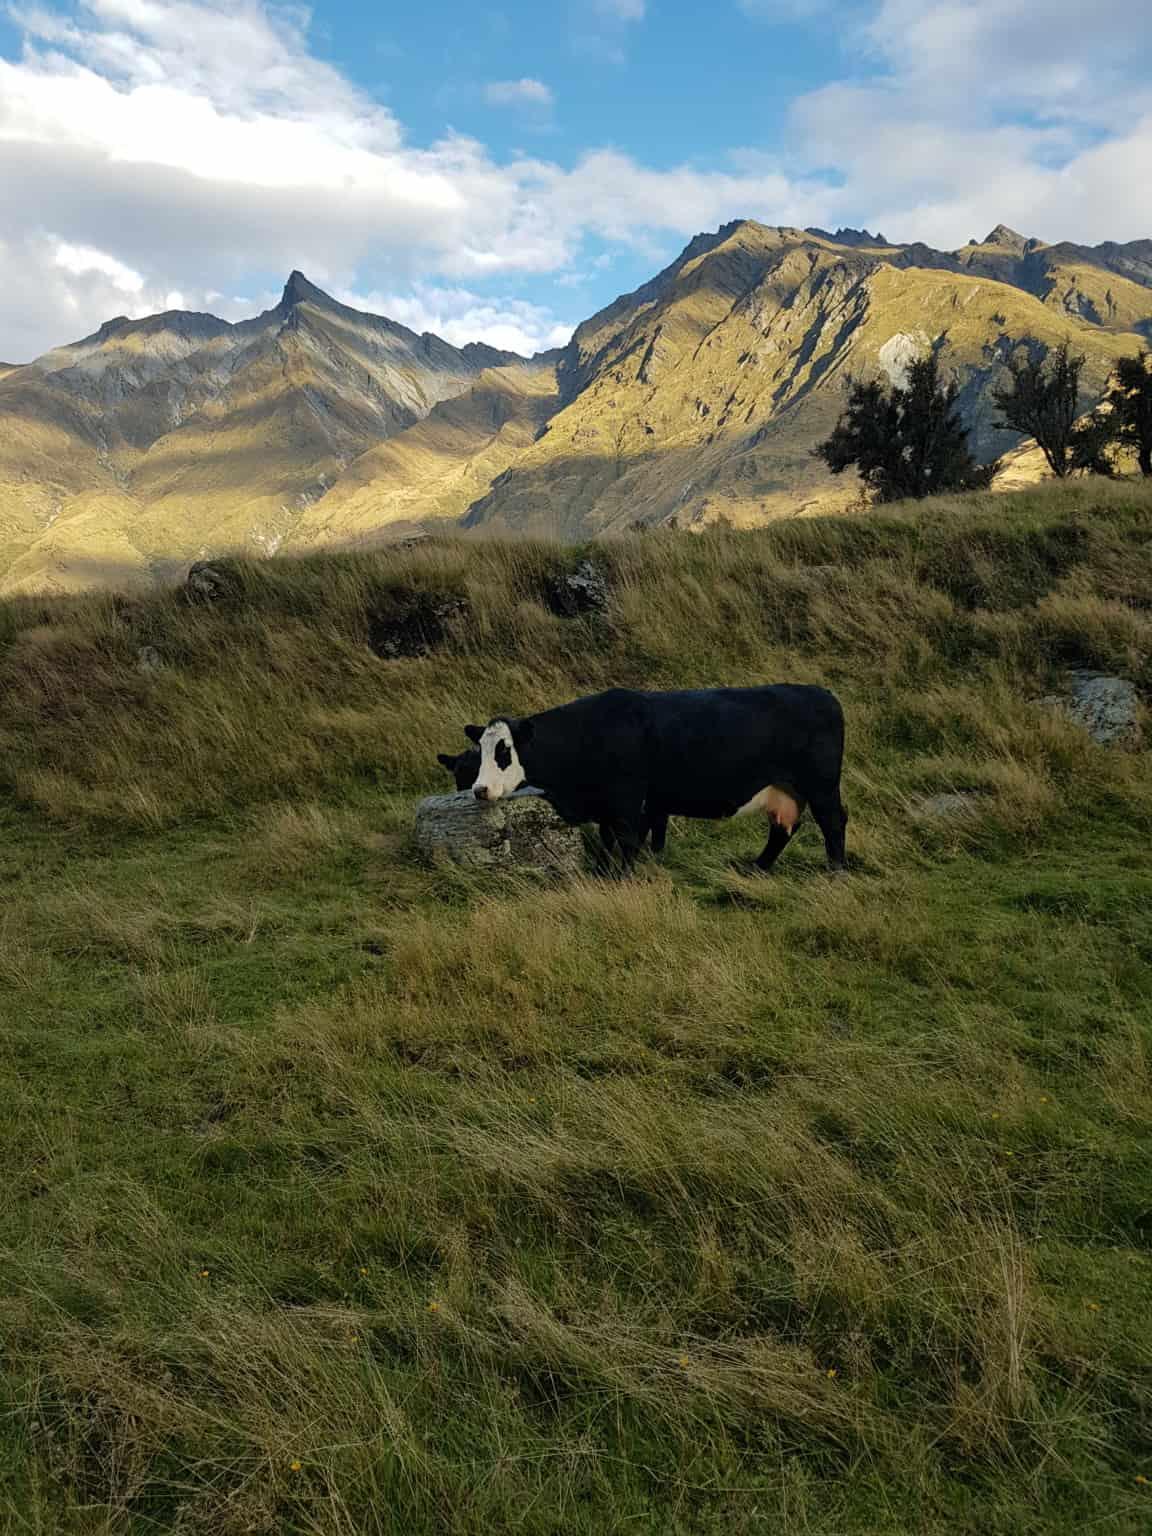 Nouvelle-Zélande, randonnée vers le Rob Roy Glacier et son sommet enneigé ❄ 26